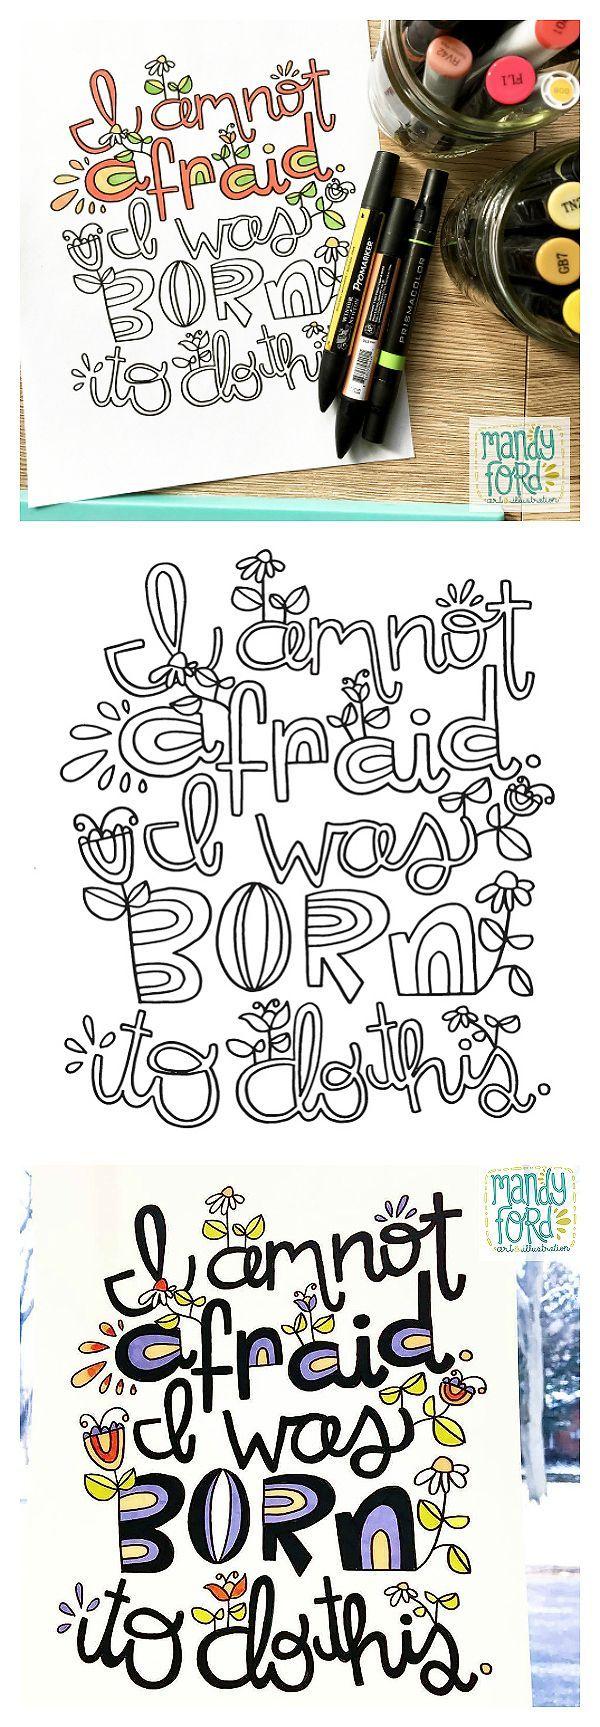 9a2455a5252f48a81d1b0e15924fb977--birth-affirmations-coloring-birth-affirmation-coloring-pages